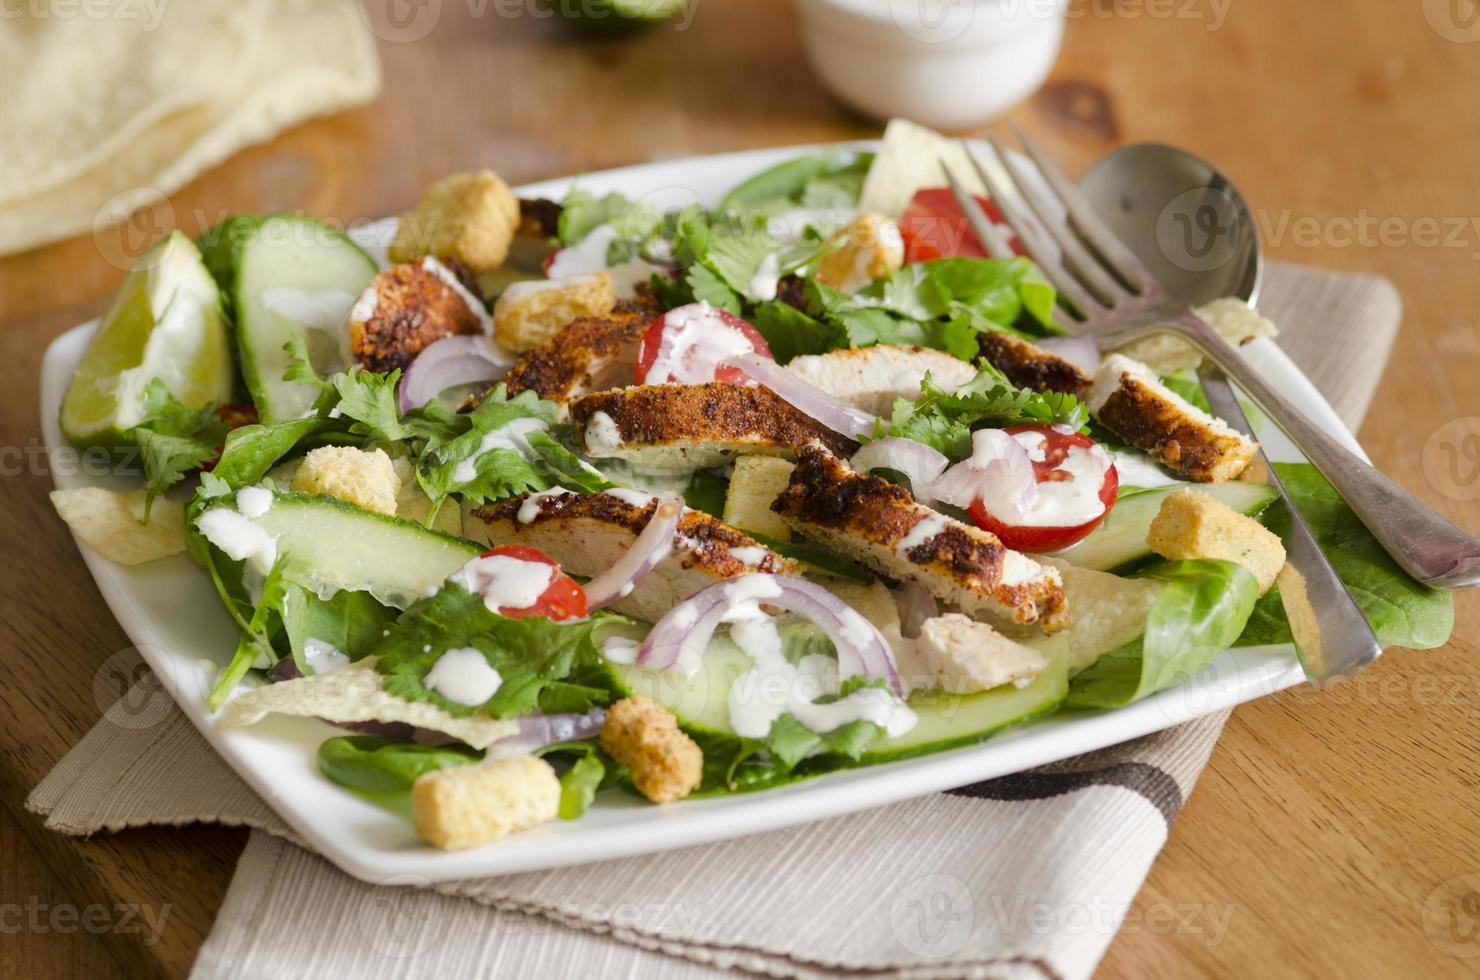 salade de poulet indien photo